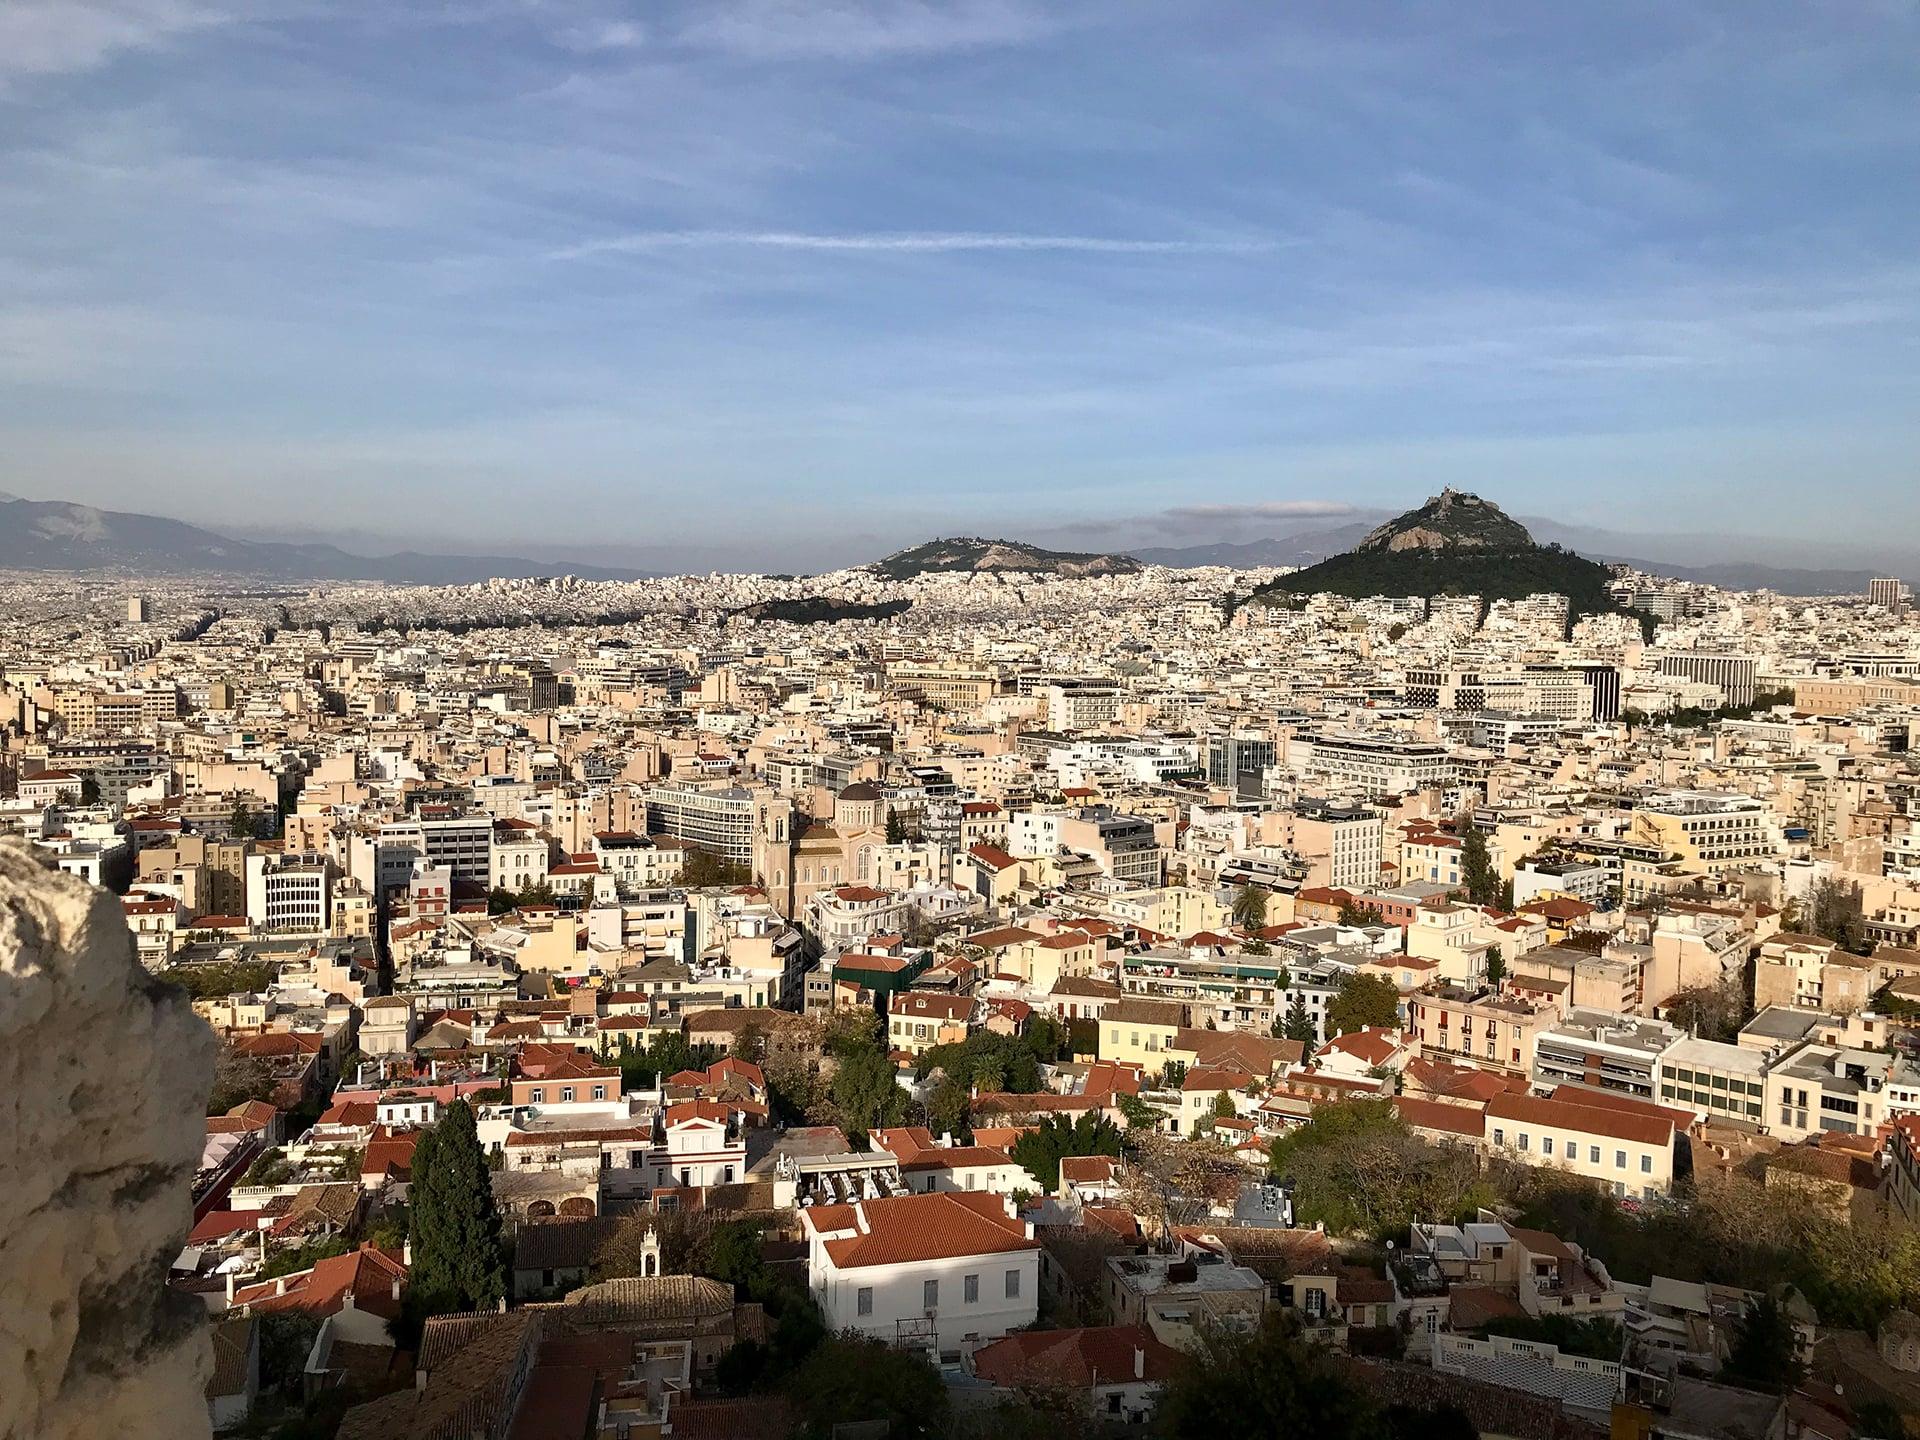 Reisetipps für Athen; Reisebericht Athen; Athen Sehenswürdigkeiten Akropolis;